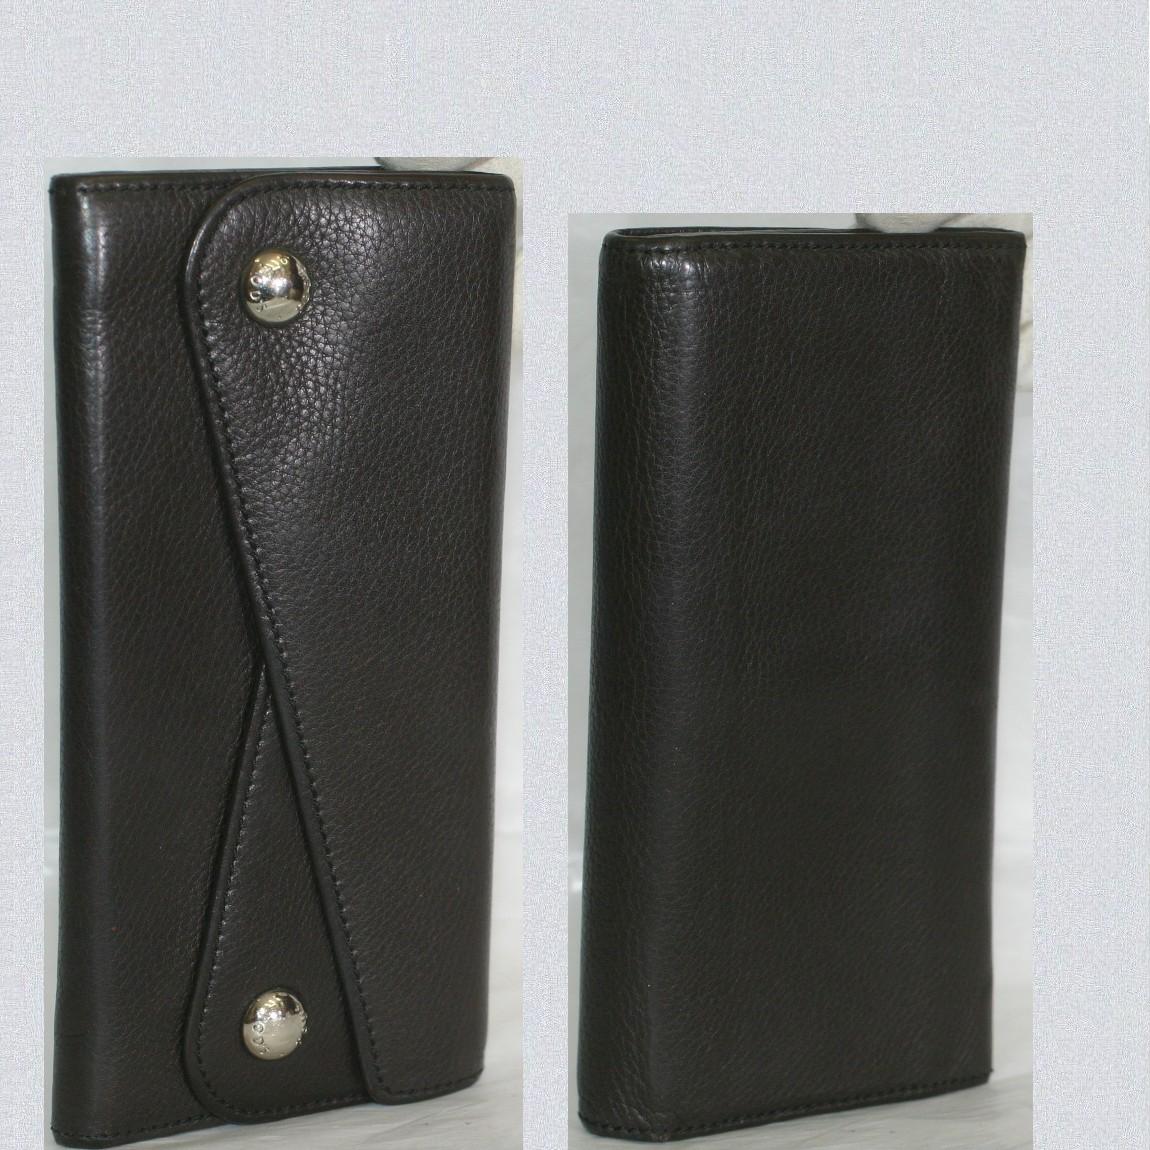 【中古】本物綺麗トッズ女性用焦げ茶色ボコボコした質感の革素材長財布 サイズW18,5H10D2,2cm